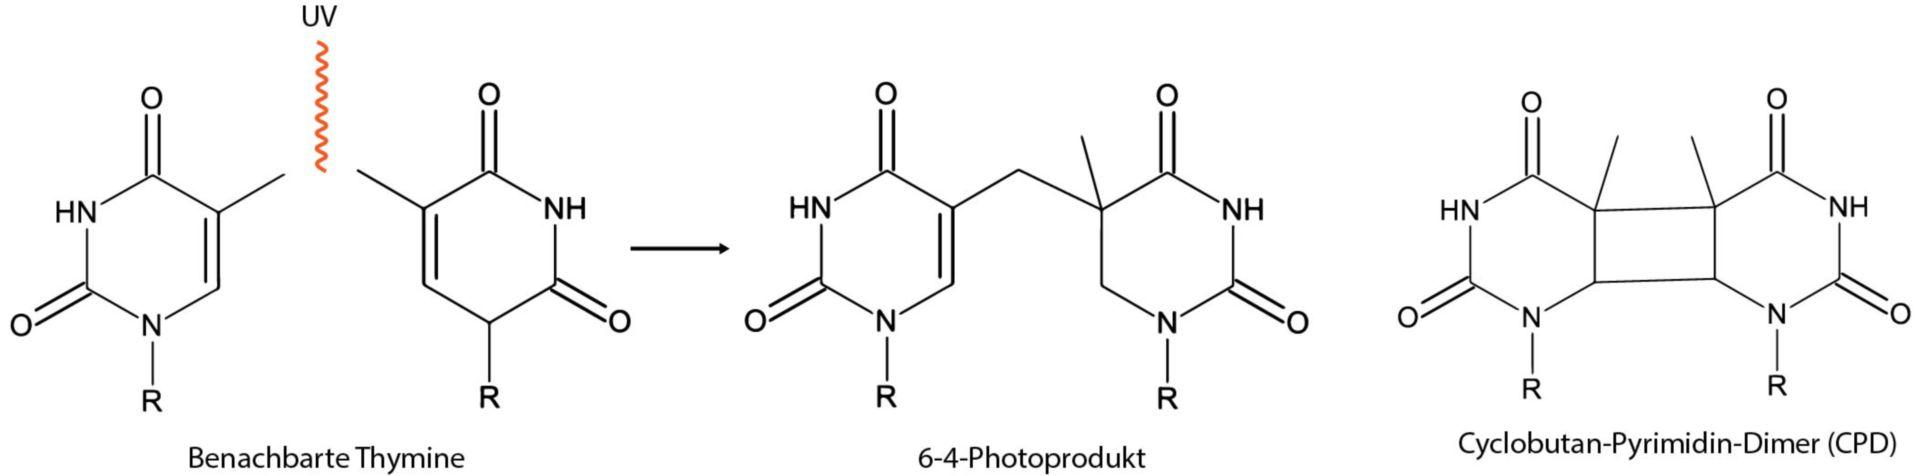 Entstehung von Pyrimidin-Dimeren